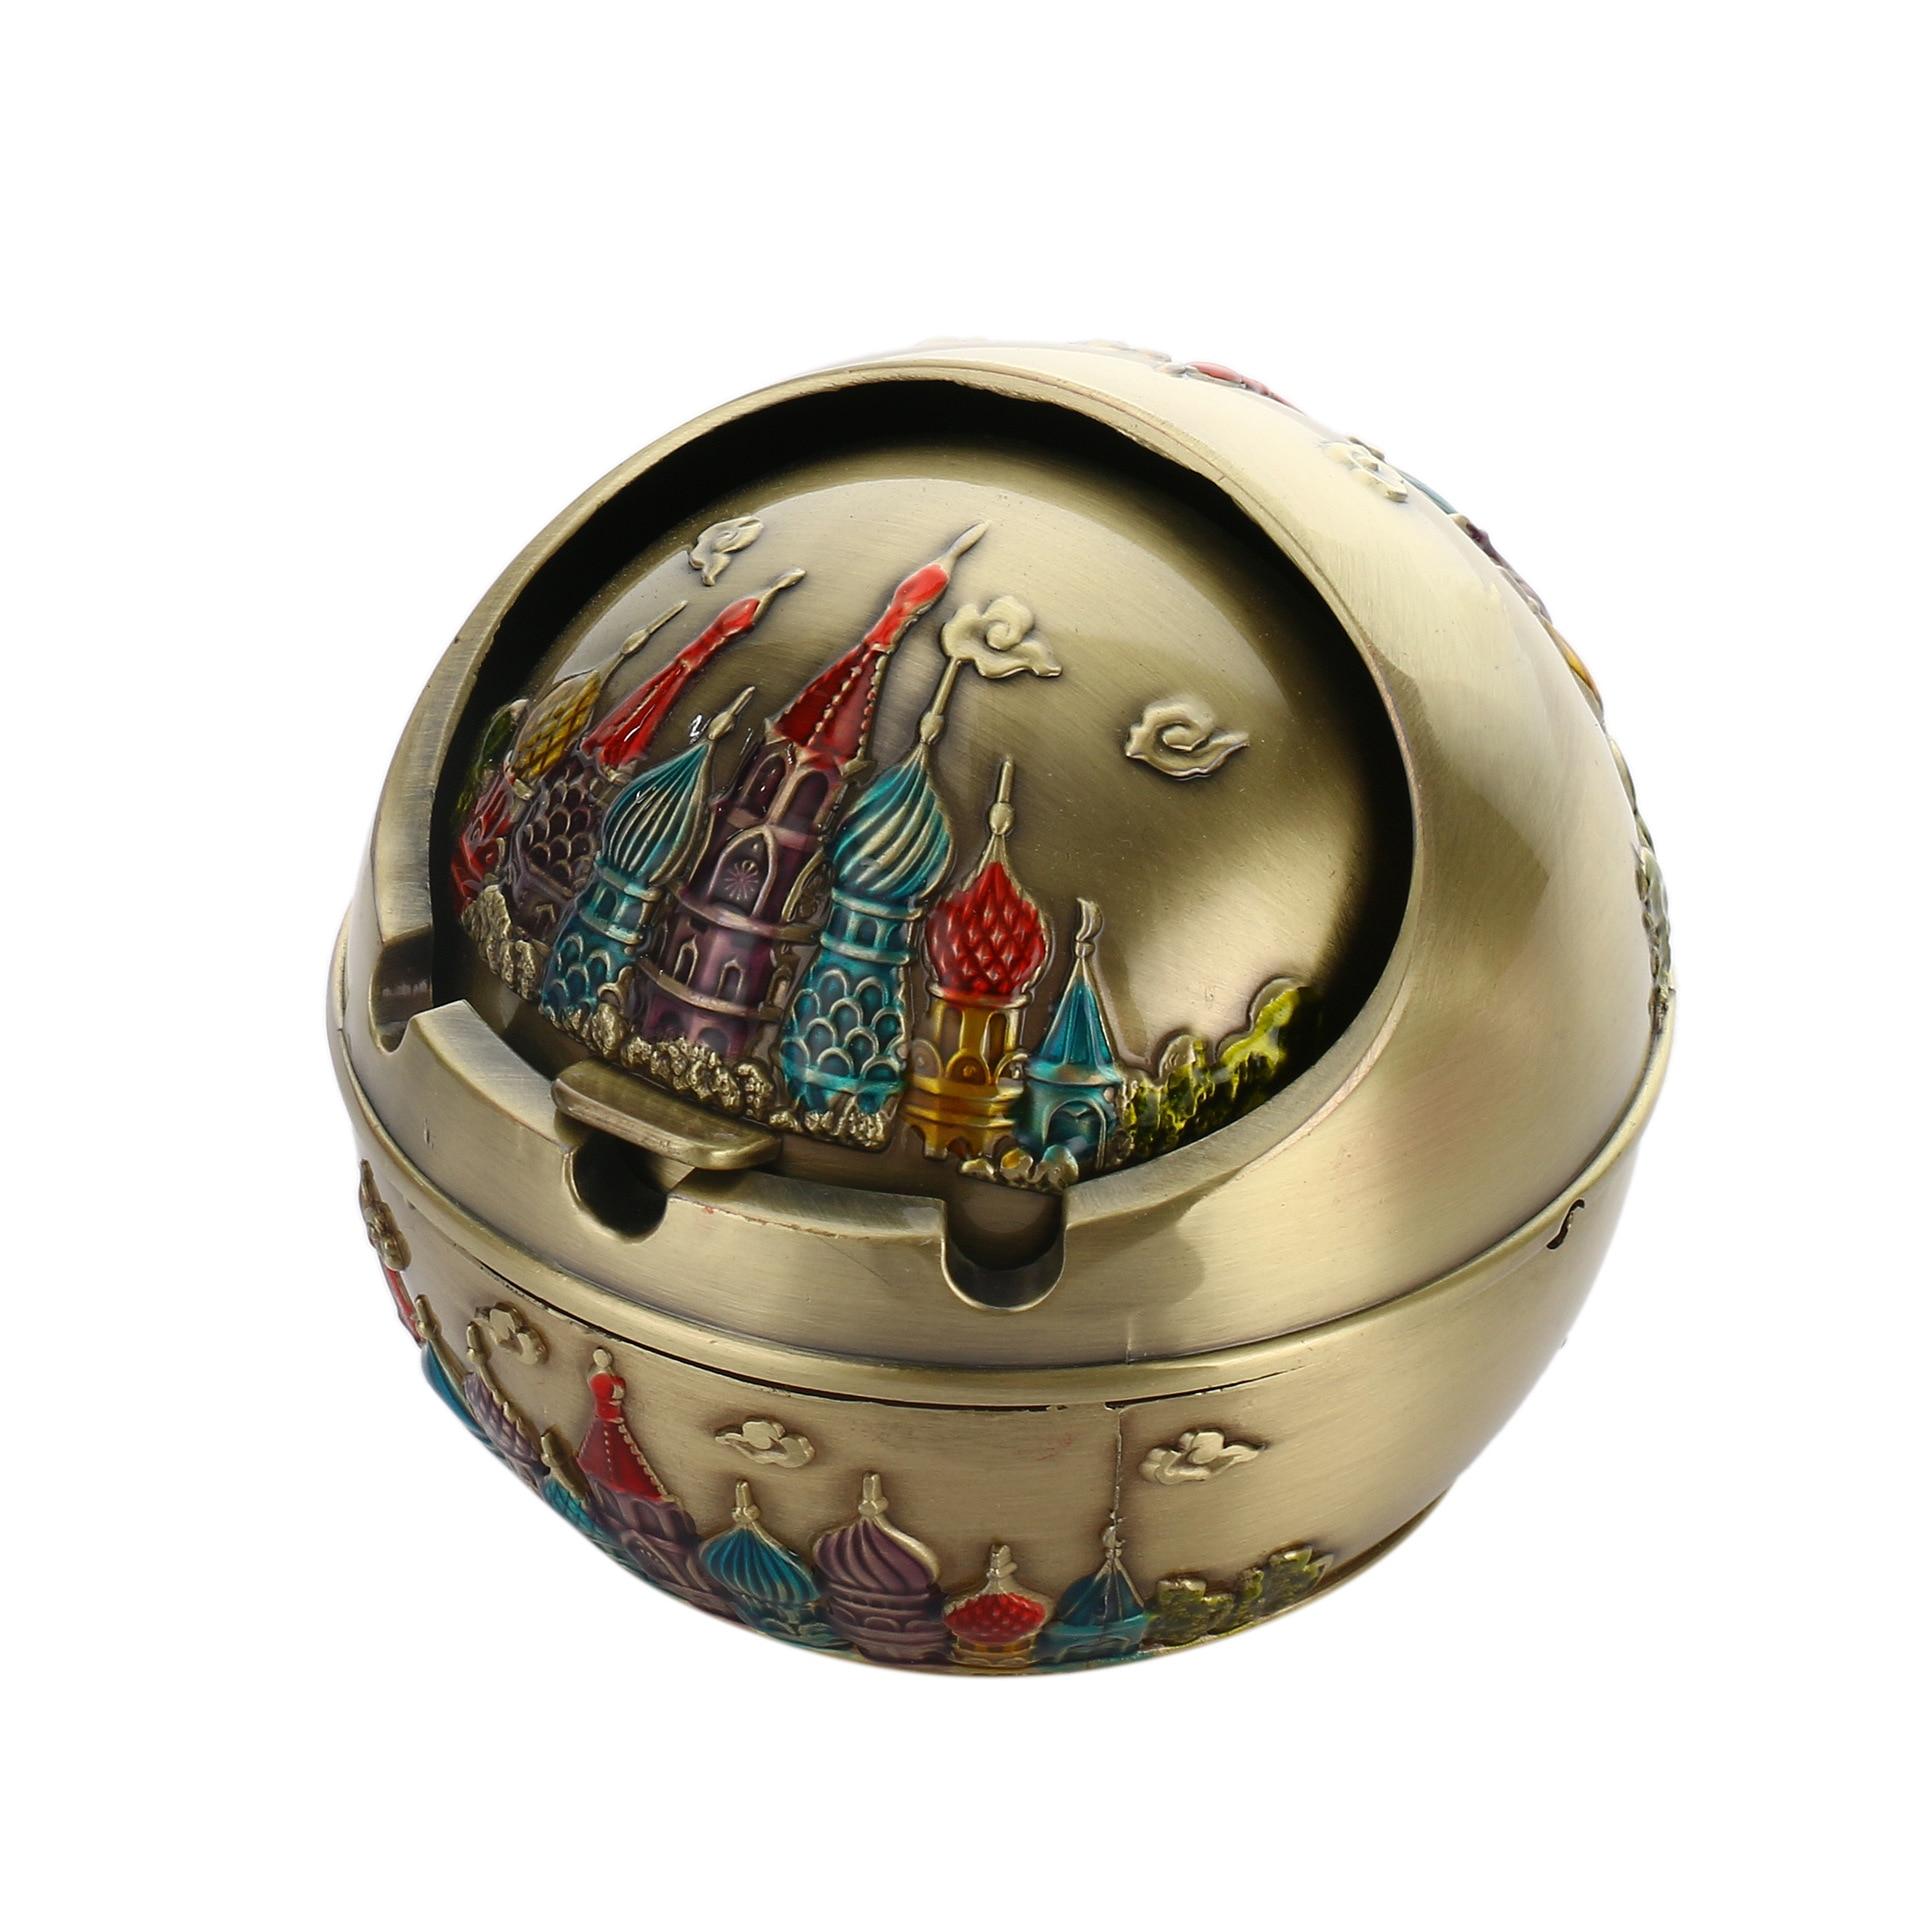 Cendrier en métal de château russe, Briquets et accessoires de - Marchandises pour la maison - Photo 1